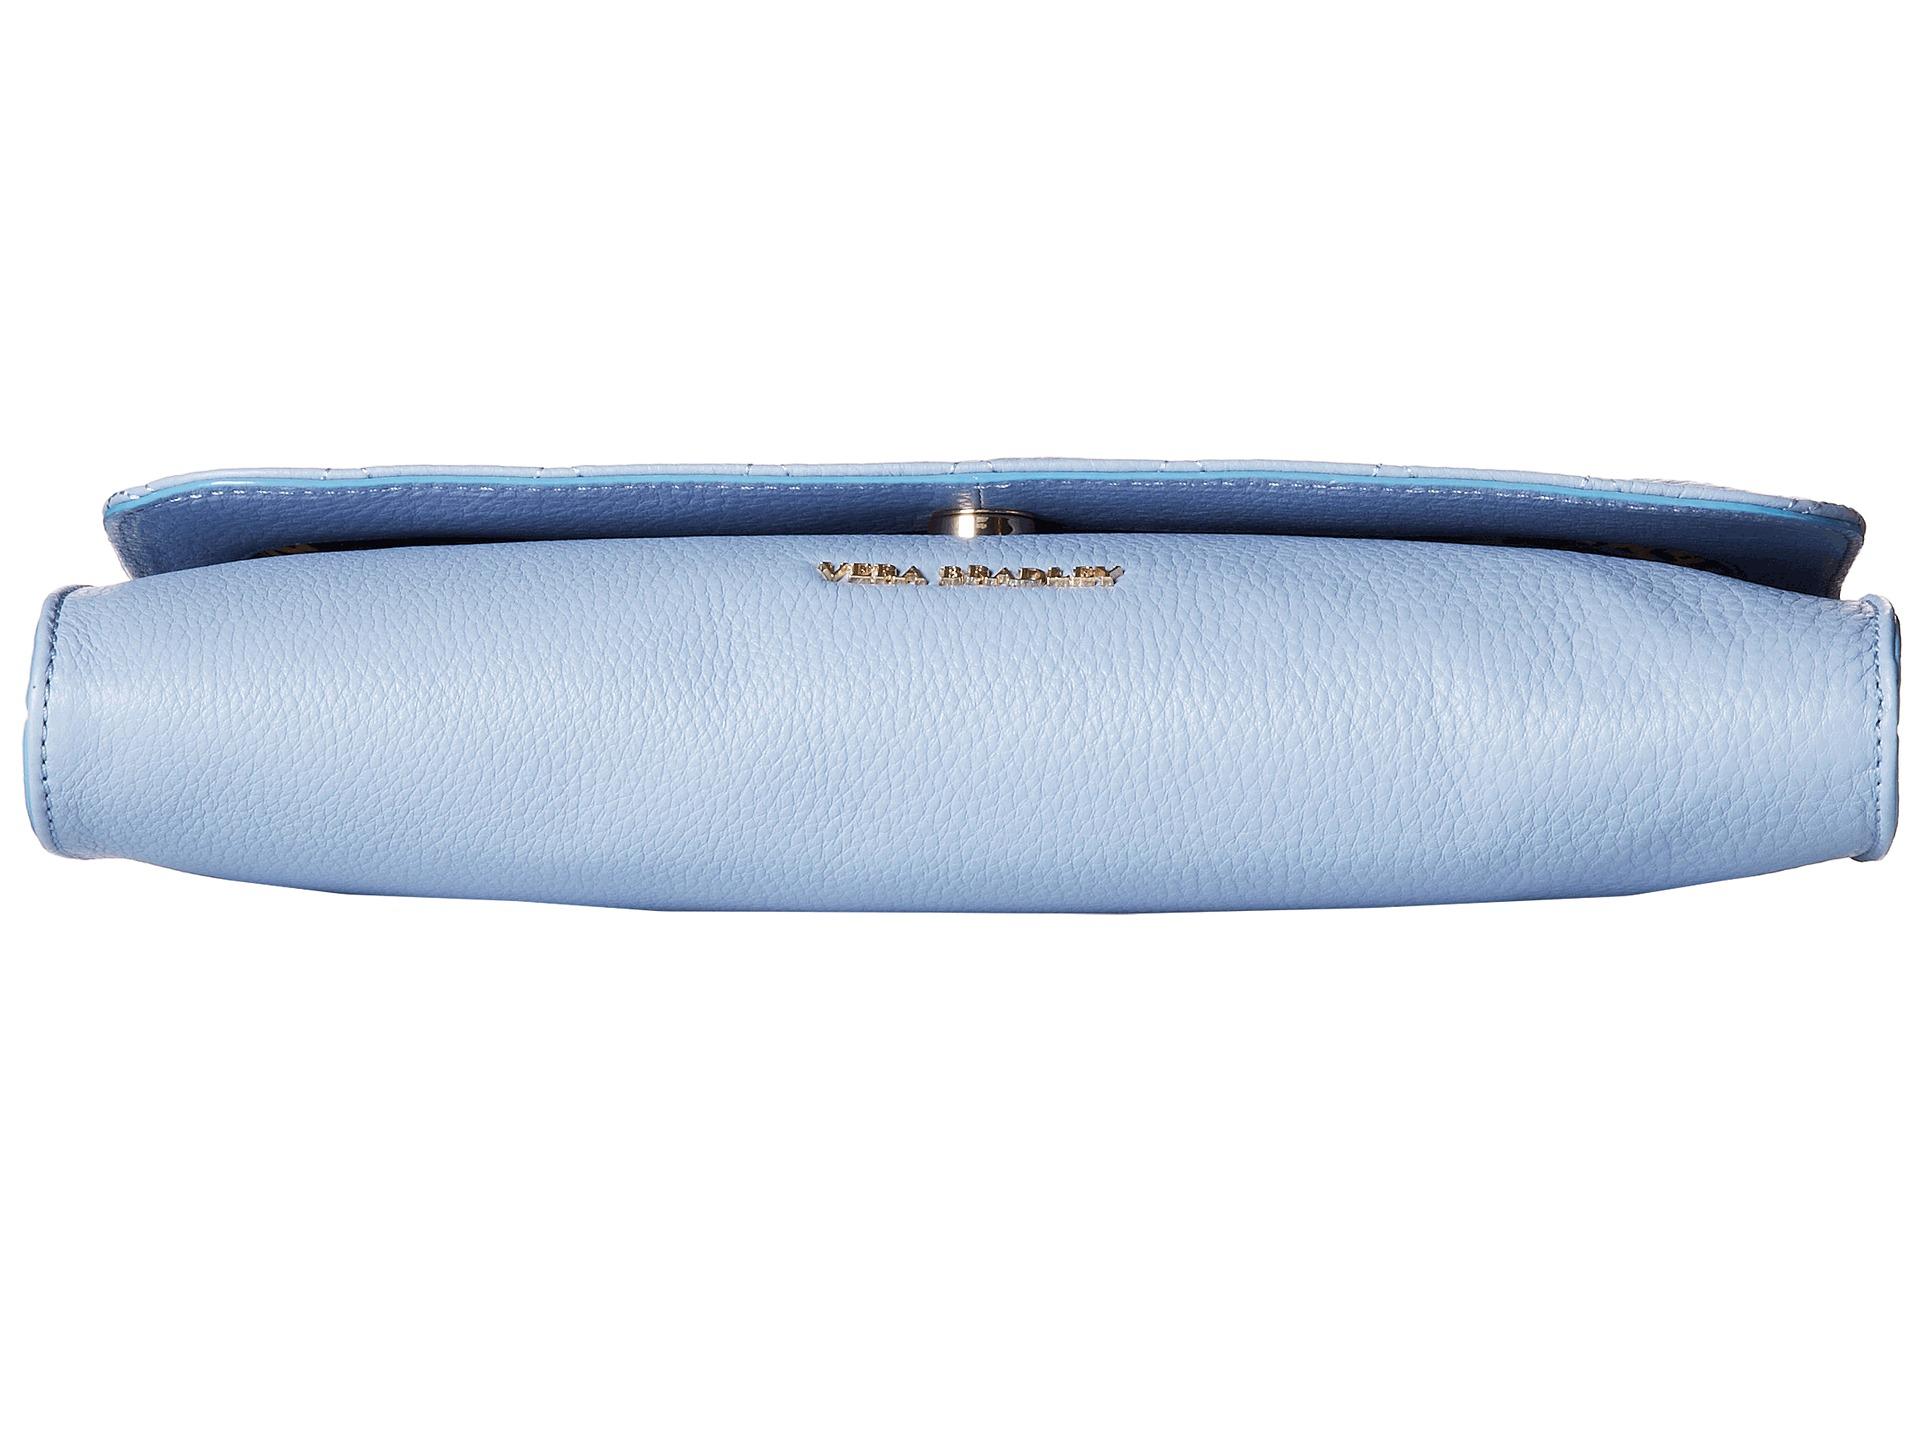 acff5f3b5900 Lyst - Vera Bradley Quilted Harper Clutch in Blue